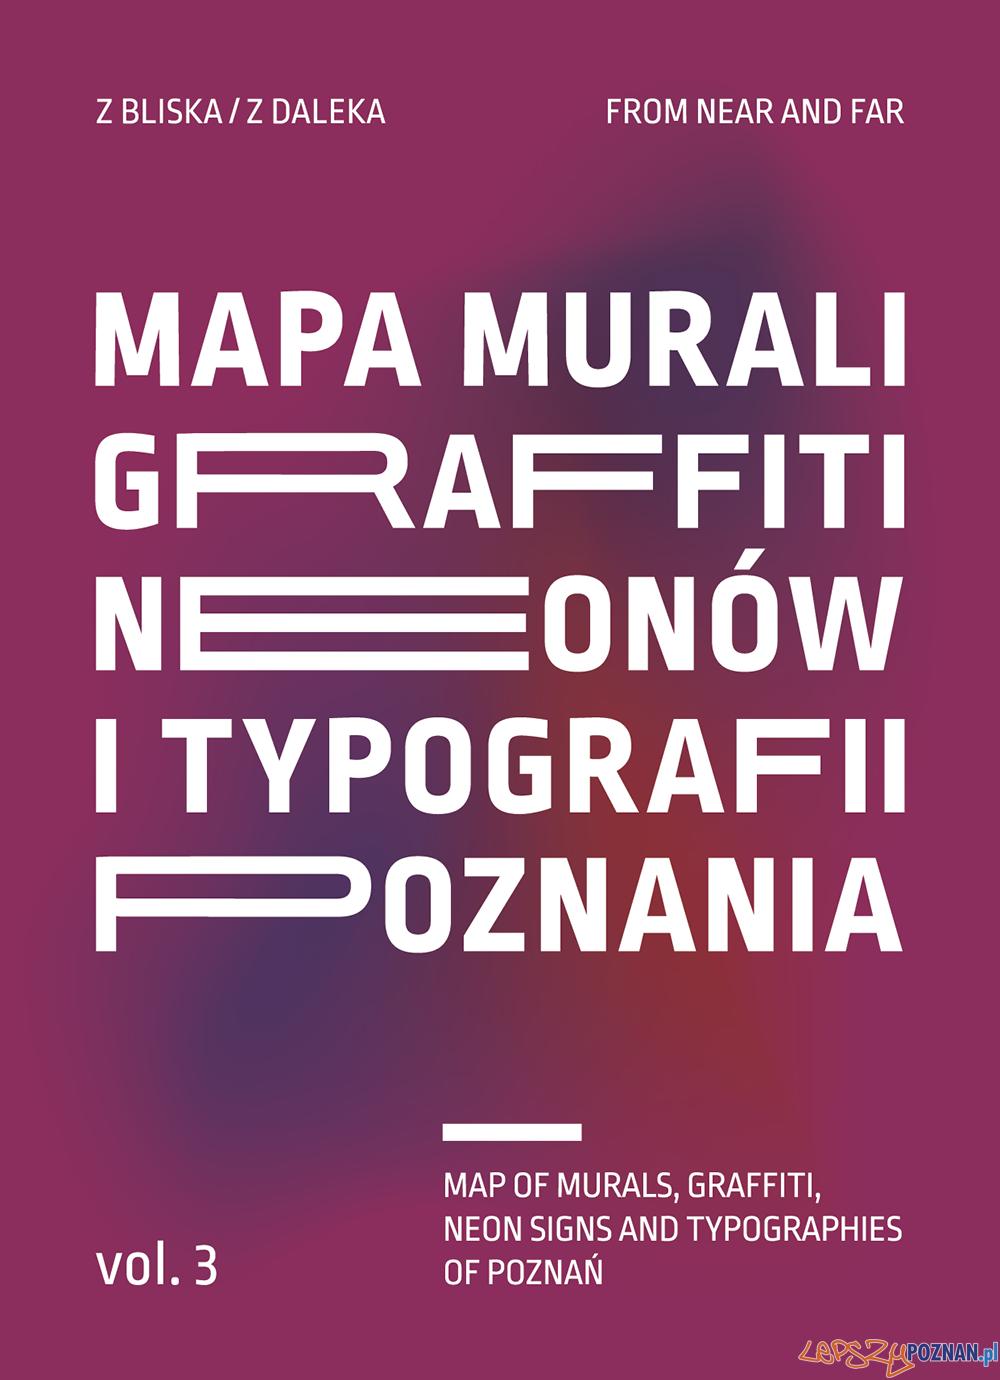 Mapa murali, graffiti, neonów i typografii  Foto: materiały prasowe